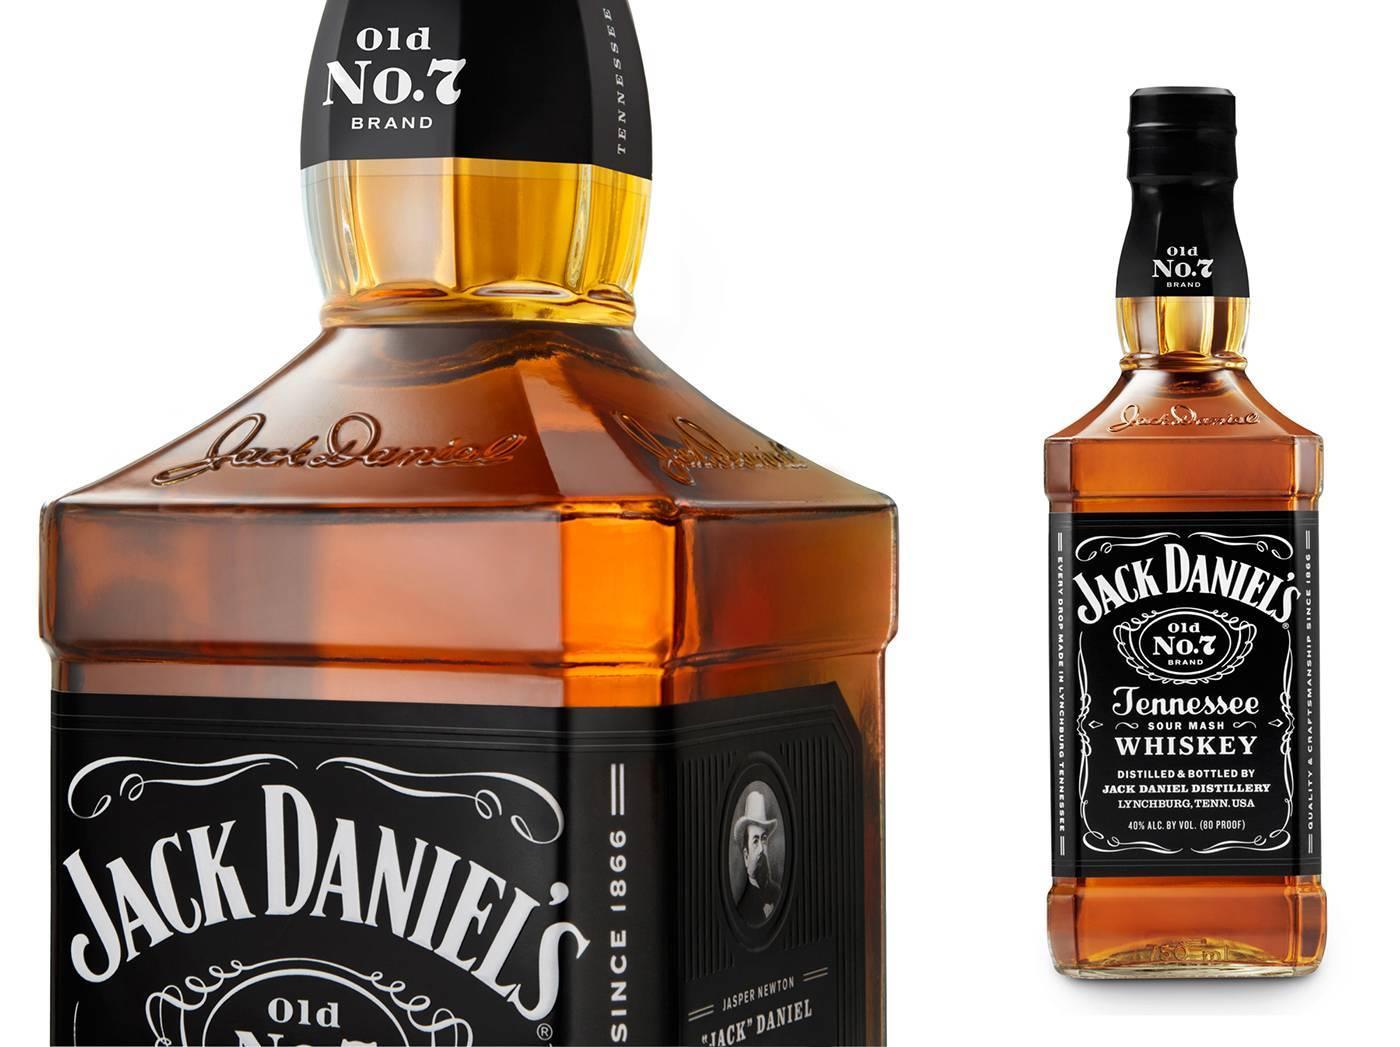 Как отличить поддельный виски, если ты в этом не шаришь